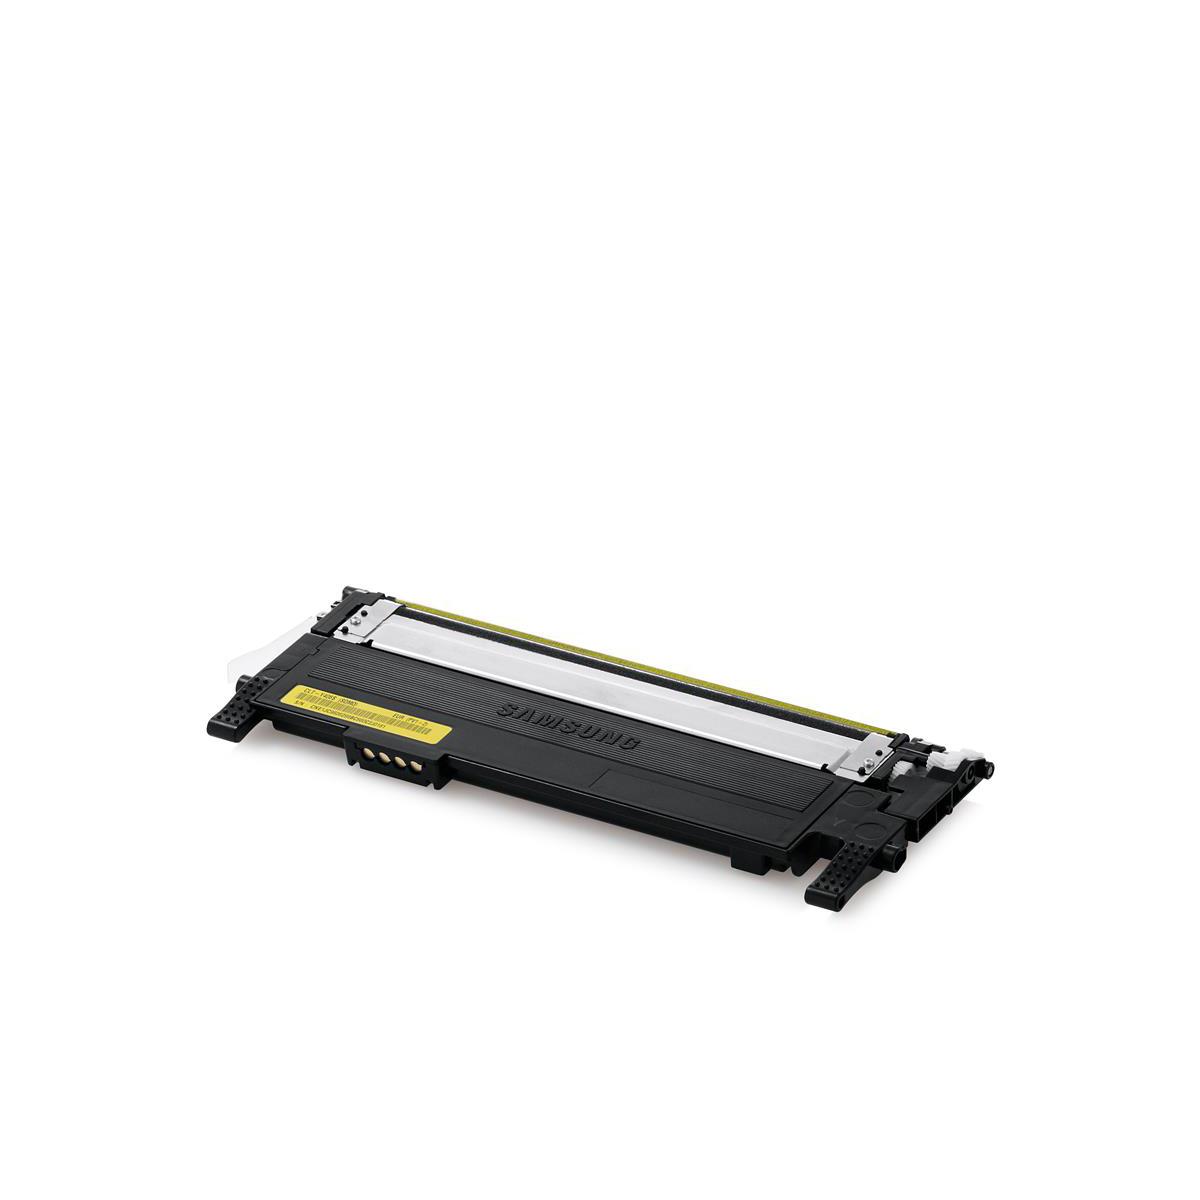 Samsung CLT-Y406S Laser Toner Cartridge Page Life 1000pp Yellow Ref SU462A